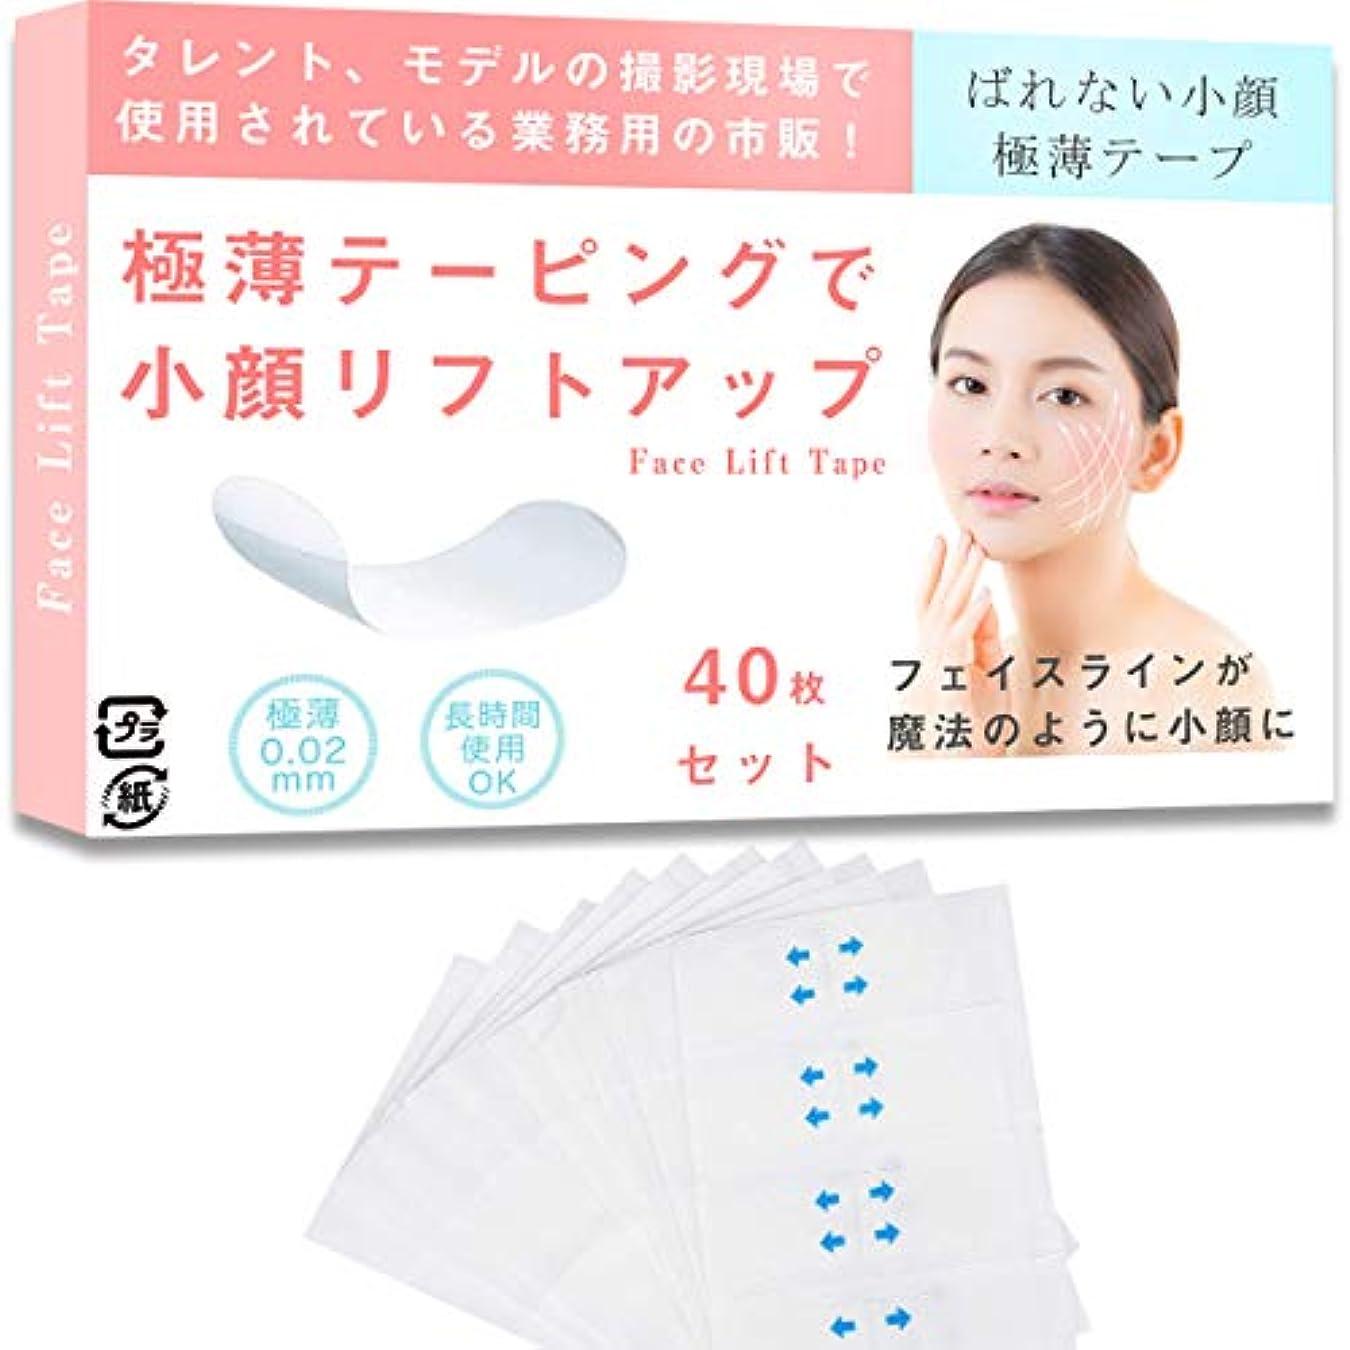 【極薄小顔テープ40枚】小顔リフトアップテープ ~コスプレ テーピング ほうれい線~ (40枚)